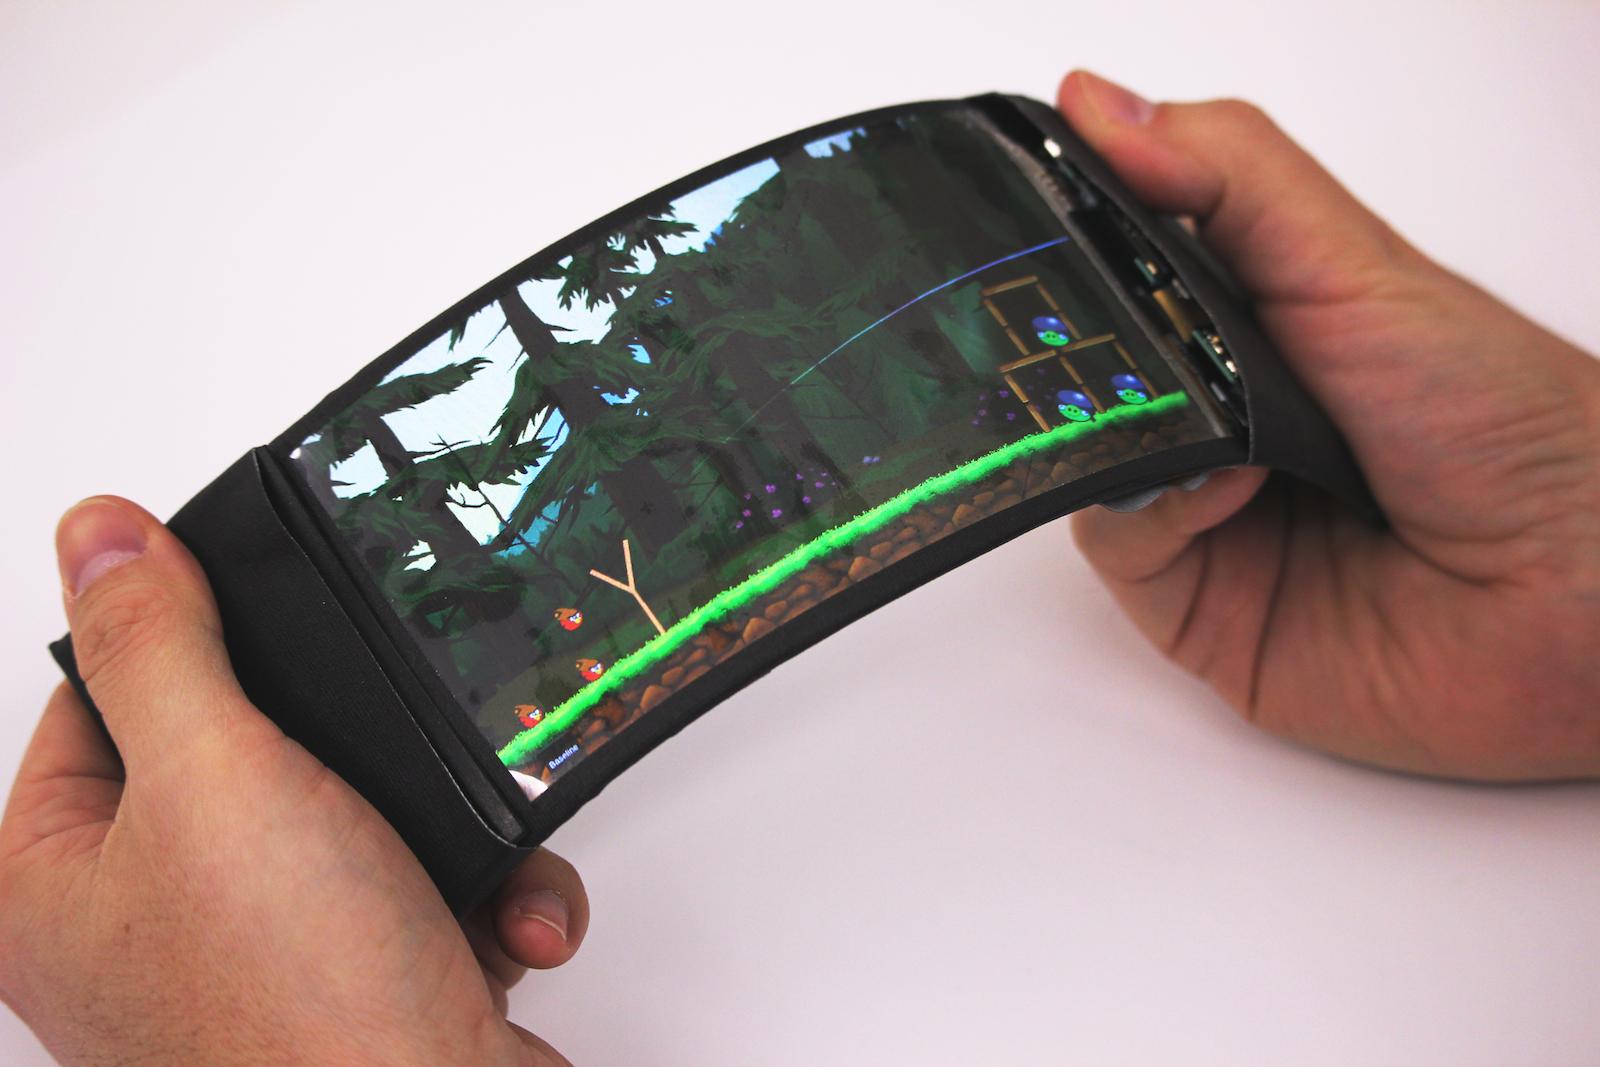 """Steinschleuder spannen durch Biegen: Das Computerspiel """"Angry Birds"""" lässt sich mit ReFlex steuern."""